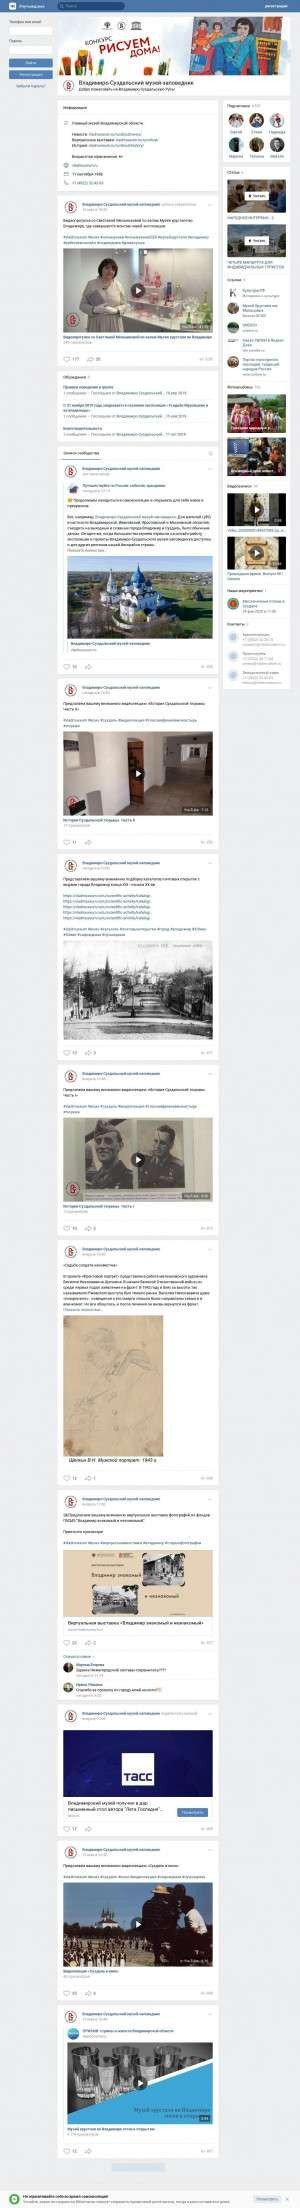 Предпросмотр для vk.com — Владимиро-Суздальский музей-заповедник Спасо-Евфимиев монастырь